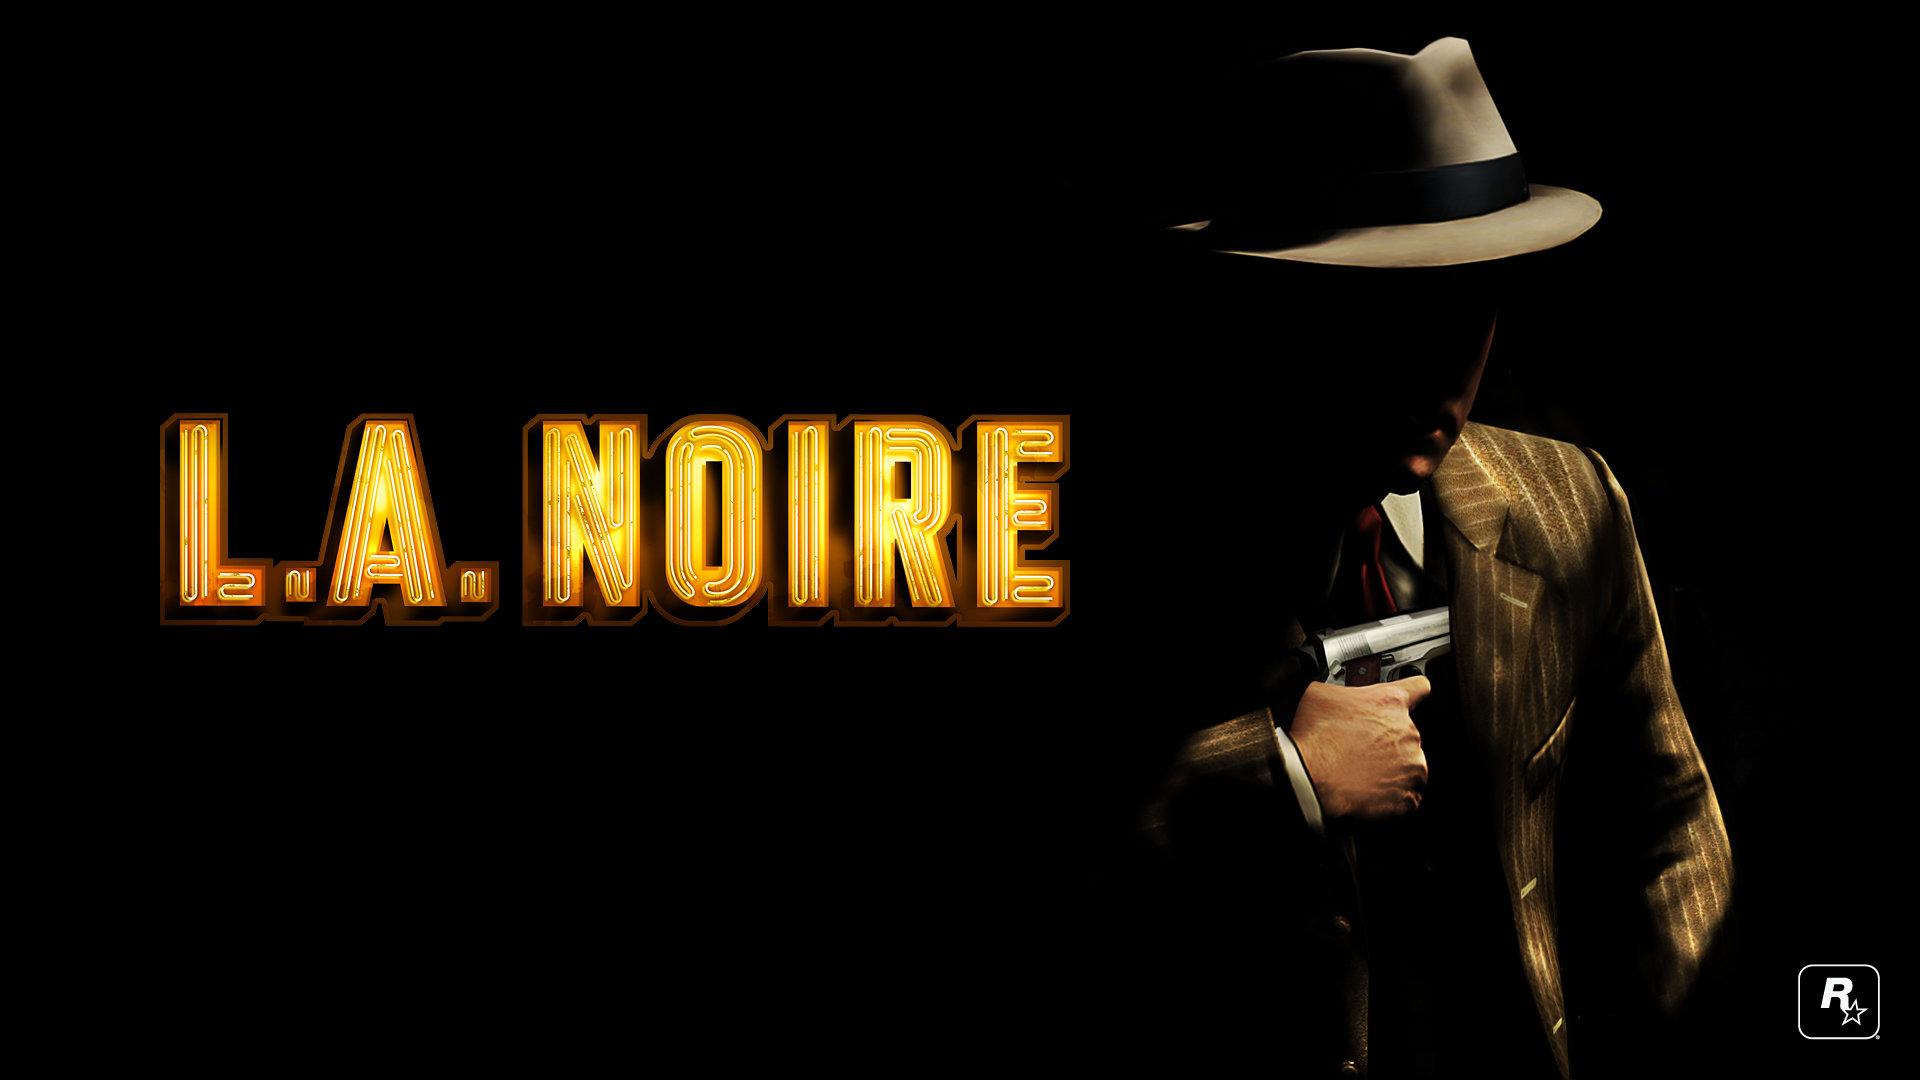 La Noire Wallpapers Hd For Desktop Backgrounds